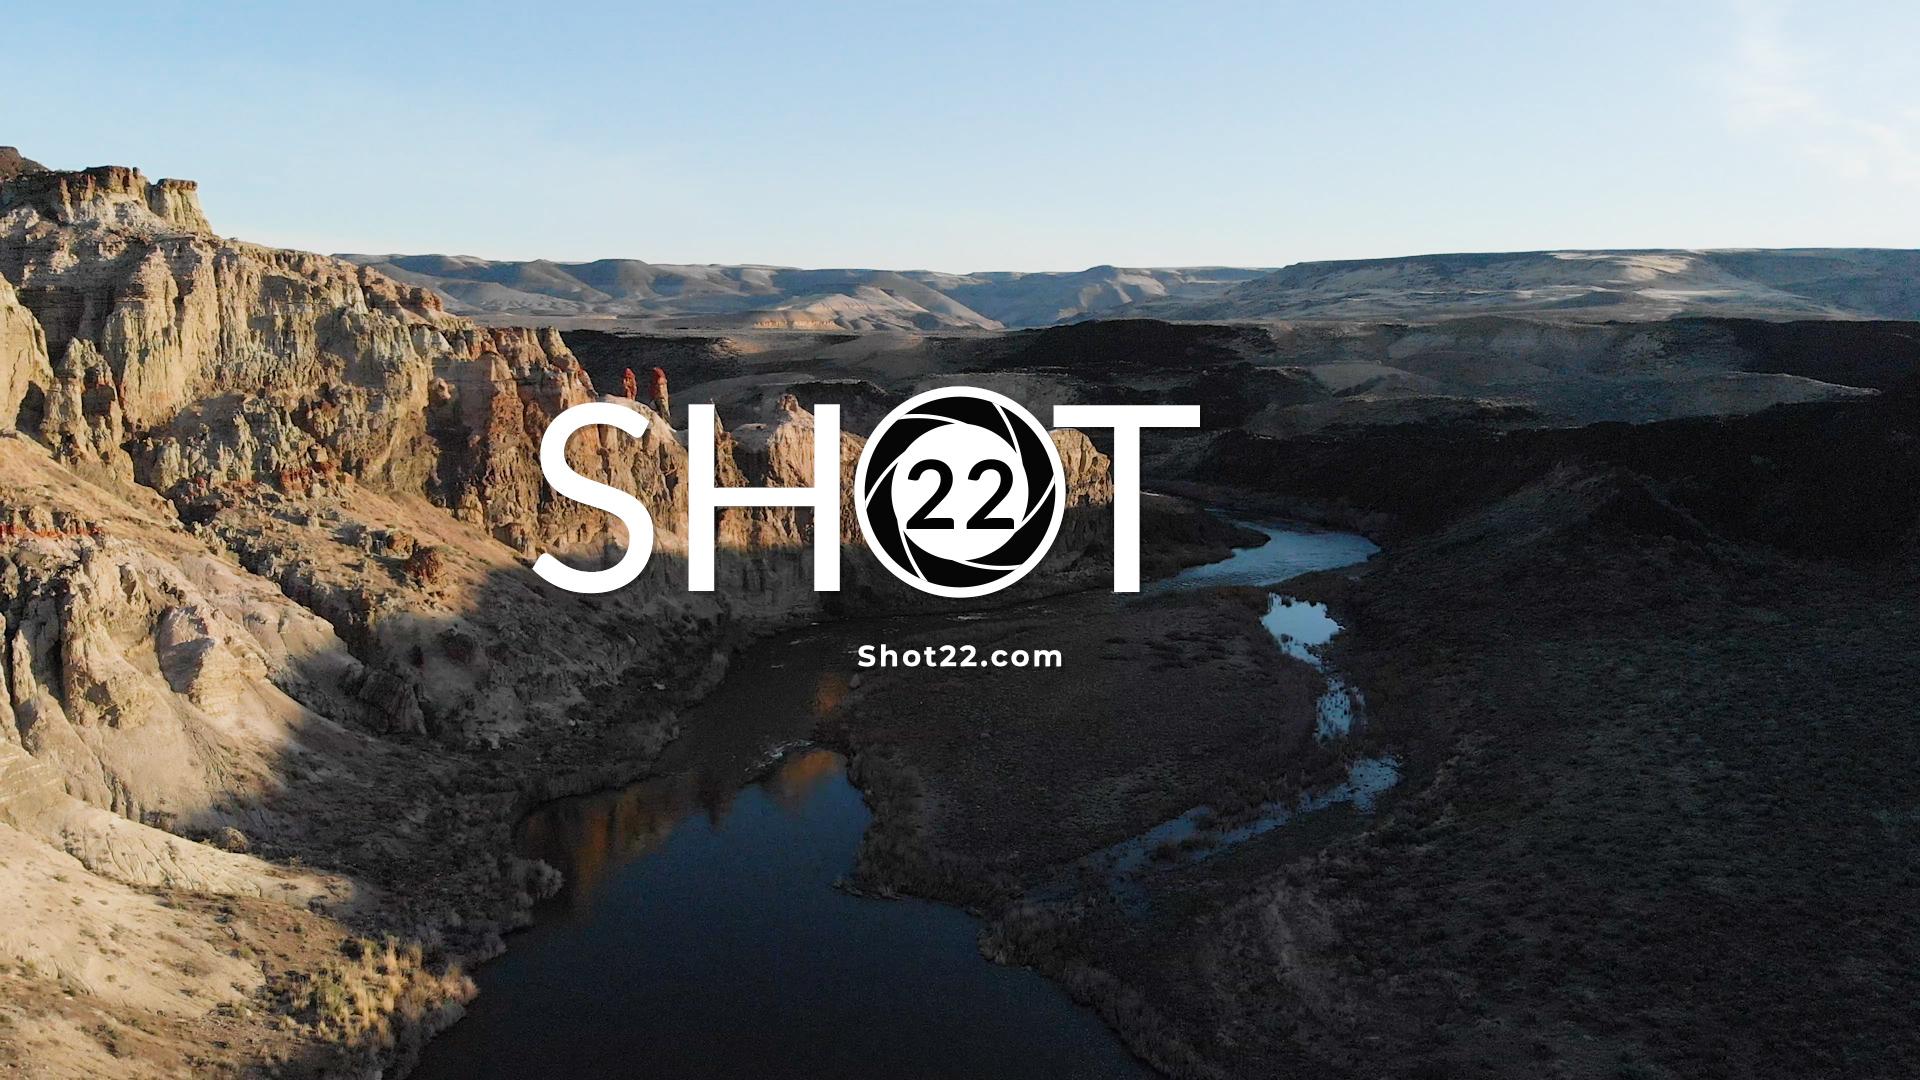 Shot 22